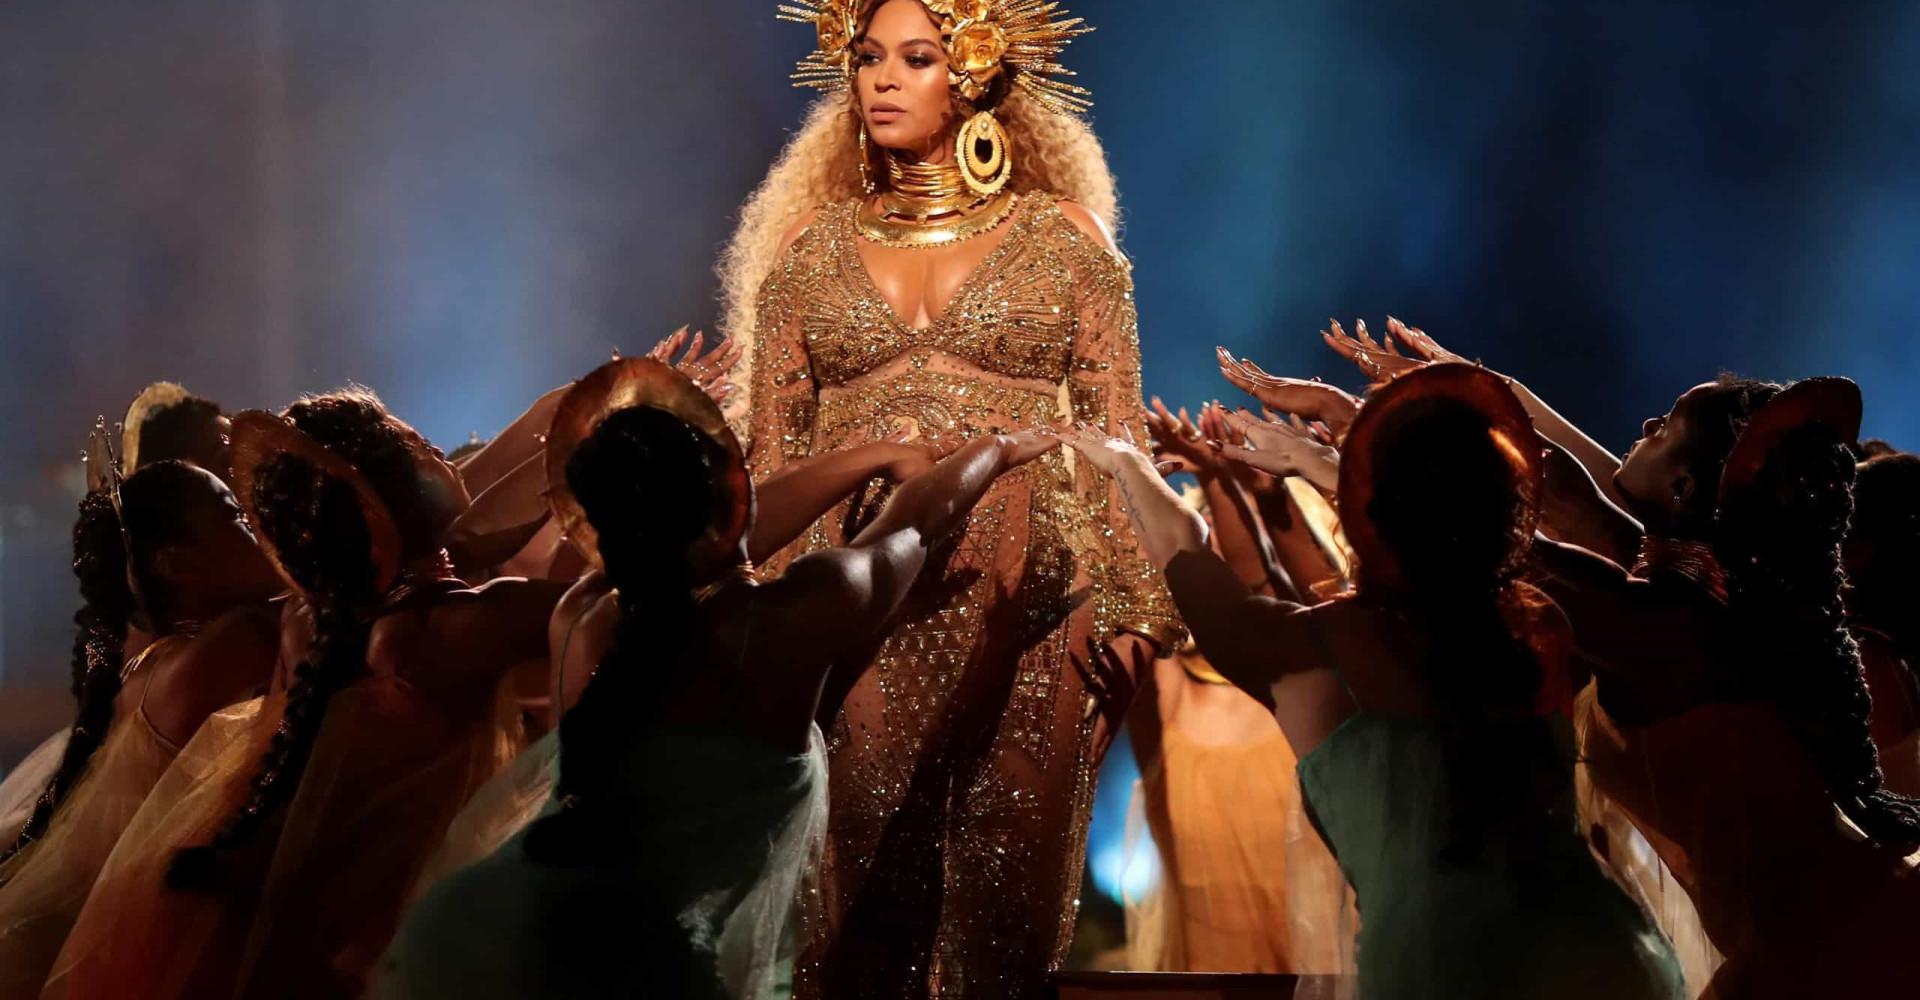 Capricci stellari: le richieste più assurde dei cantanti prima di salire sul palco!